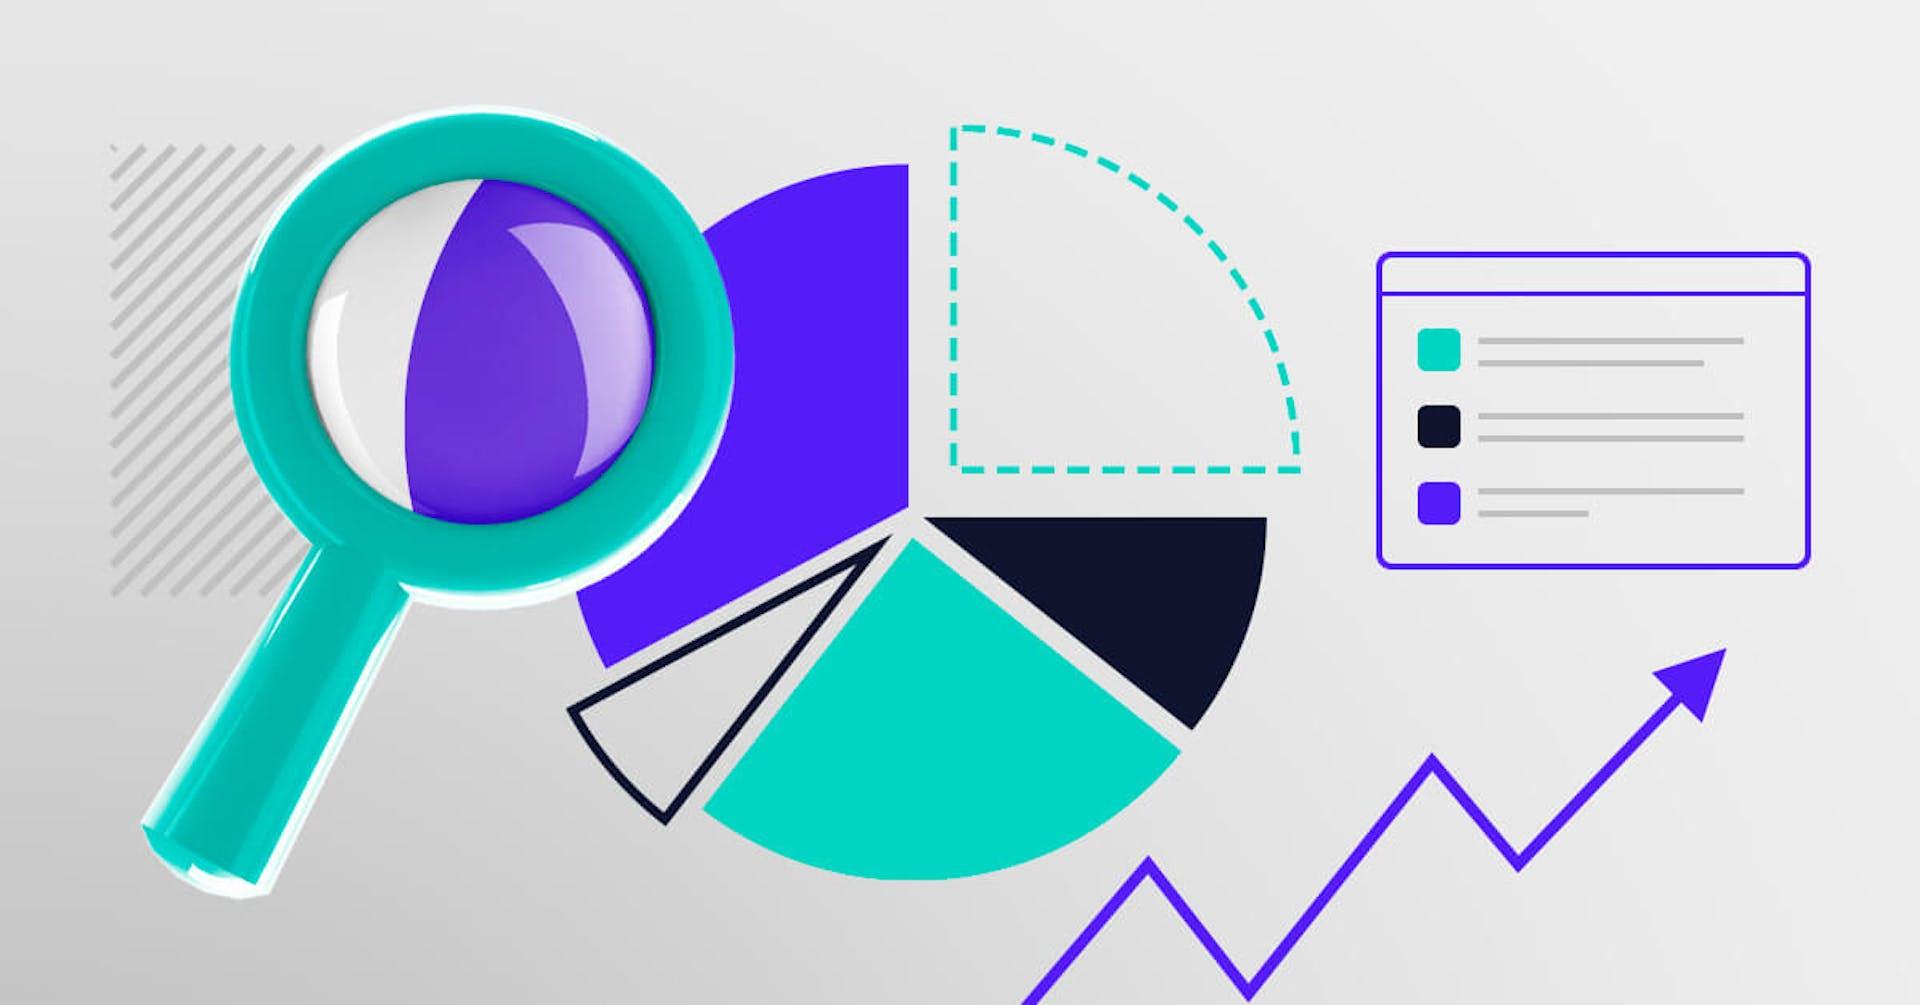 Análisis de procesos de negocio: ¿Cómo implementarlo en mi empresa?